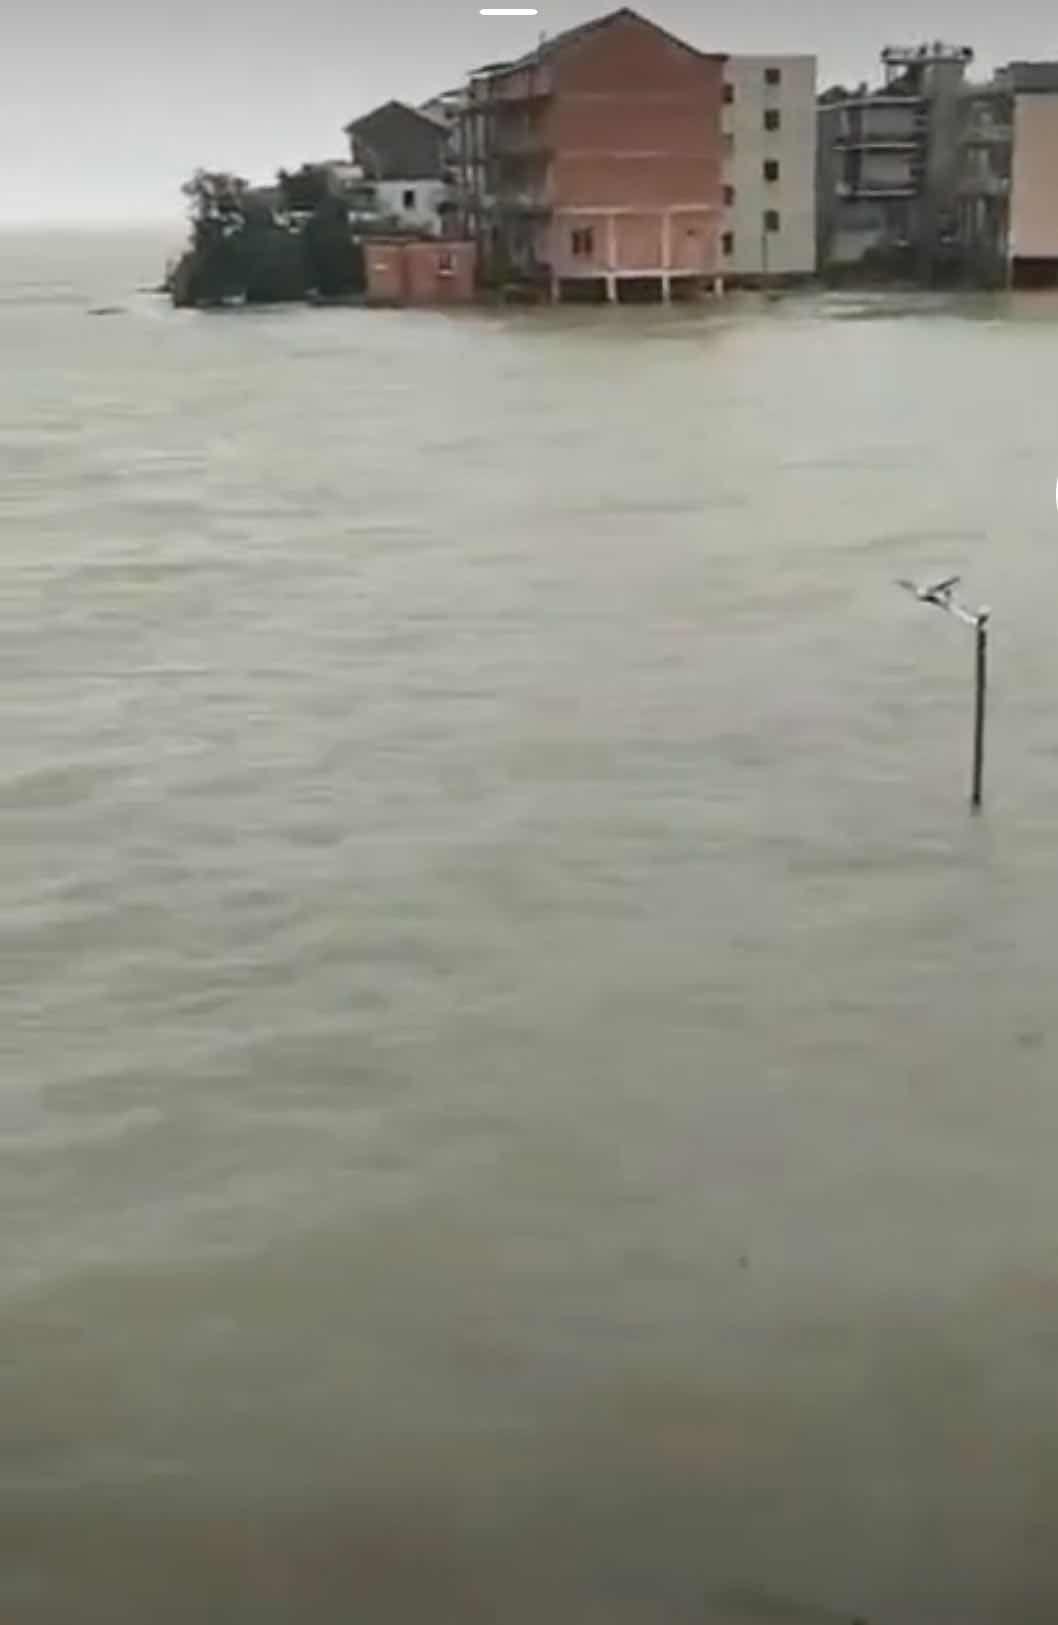 【迪士尼彩乐注册】_江西鄱阳双港镇圩堤决口,赵家湾村被困正在救援